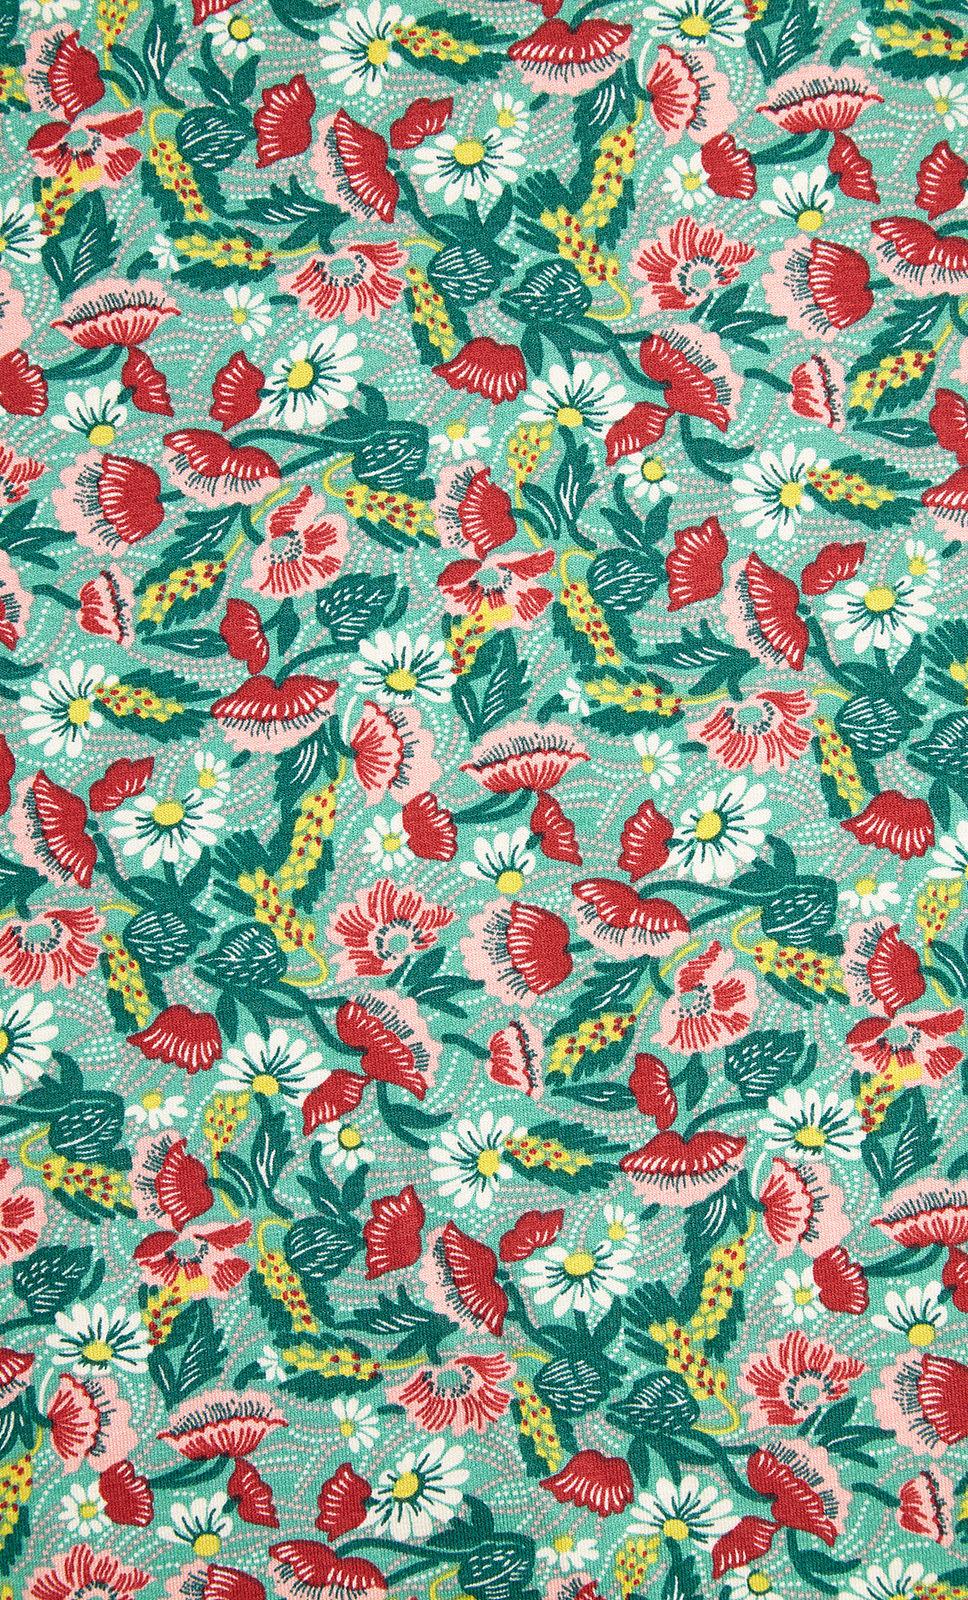 Floramania-Tropical-Green